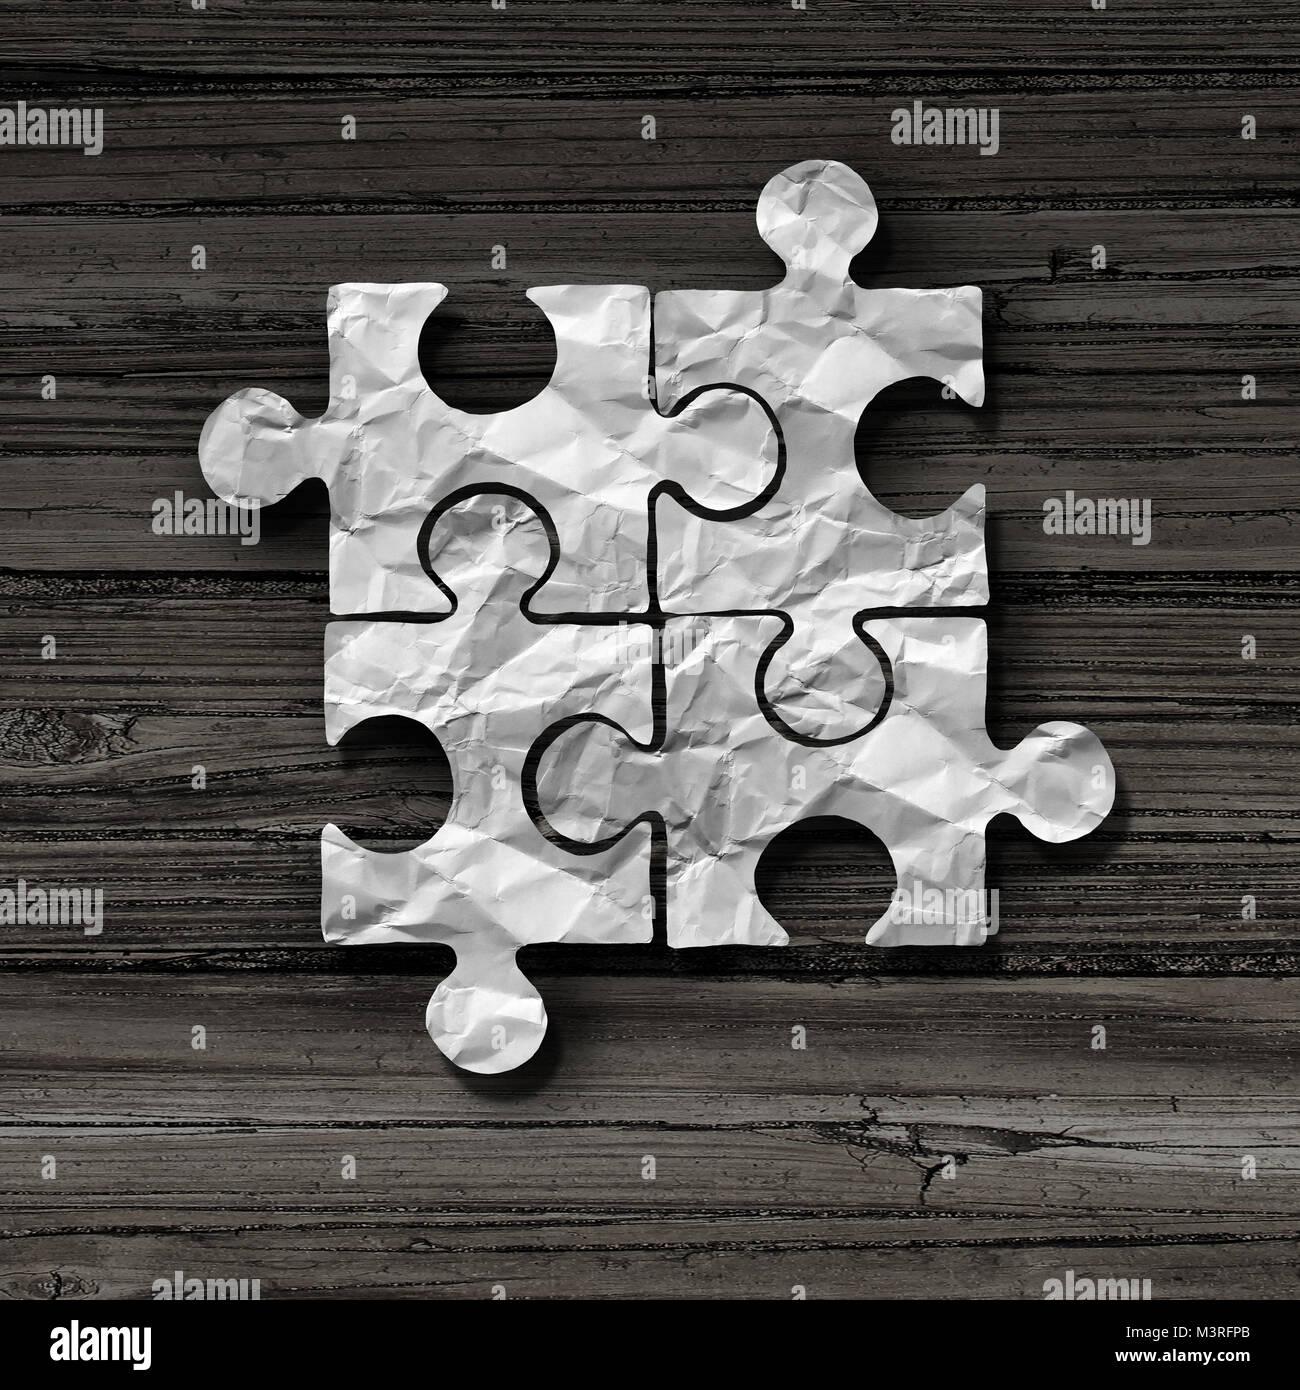 Business concept puzzle comme un symbole abstrait pour l'unité et la connexion comme métaphore dans Photo Stock